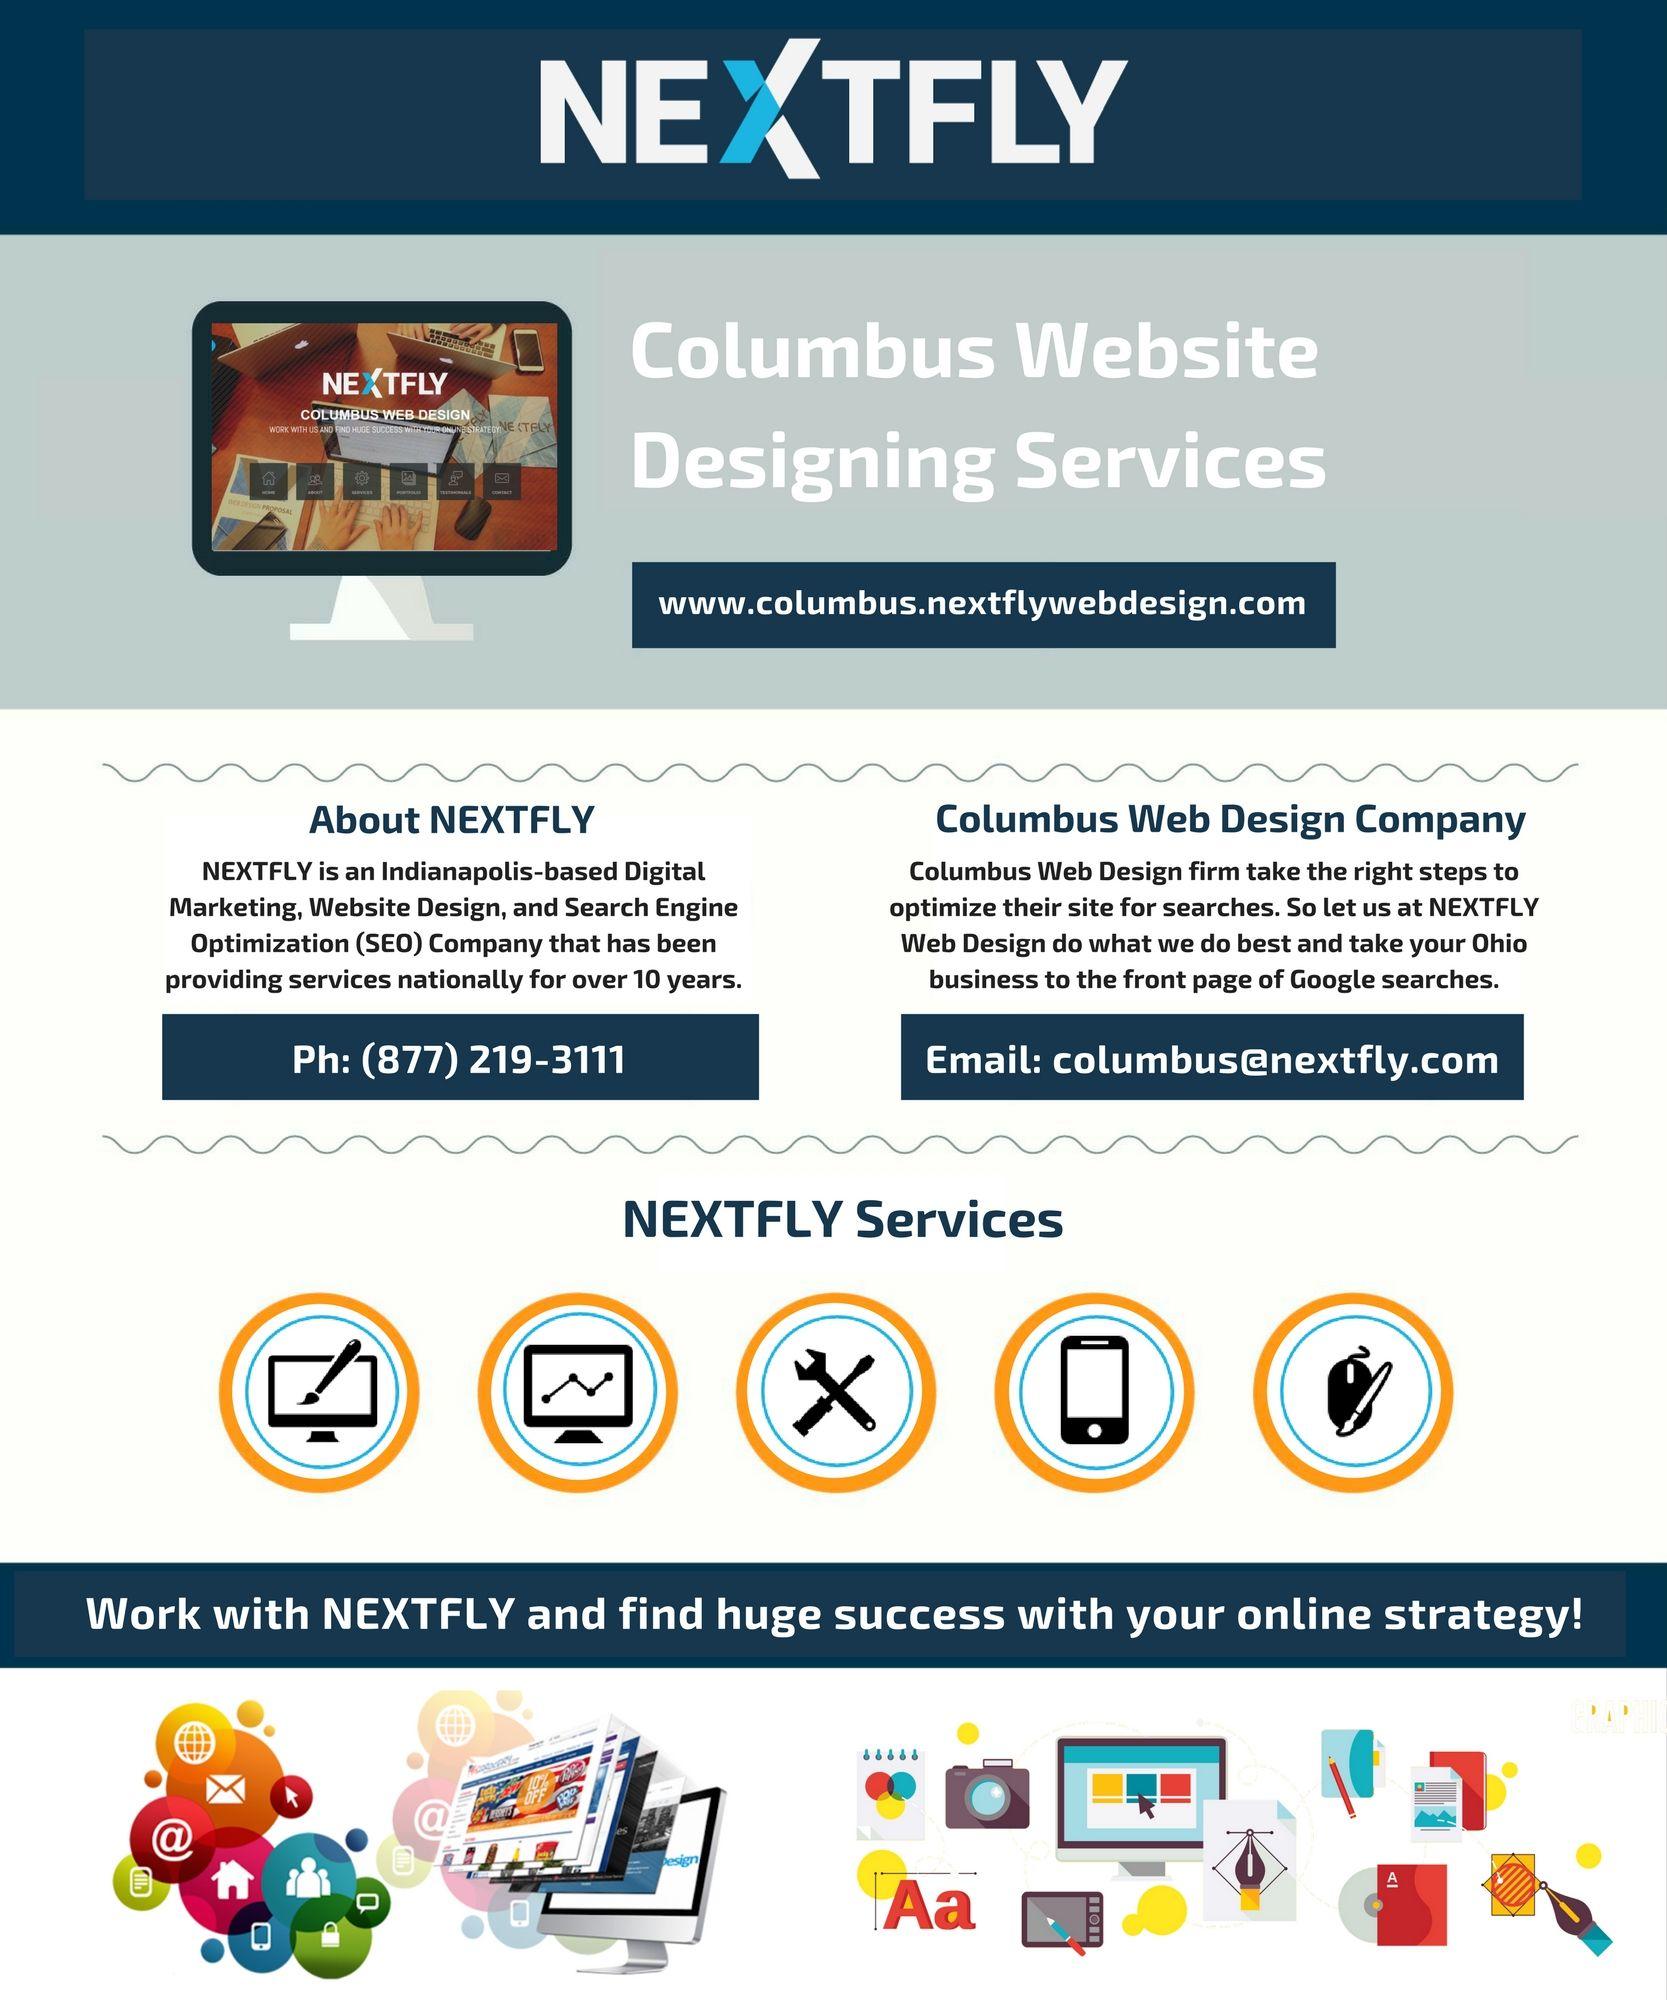 Ohio Based Columbus Web Design Company Nextfly Is A Proven Leader In Web Design Development And Seo Services Ge Web Design Company Web Design Firm Web Design